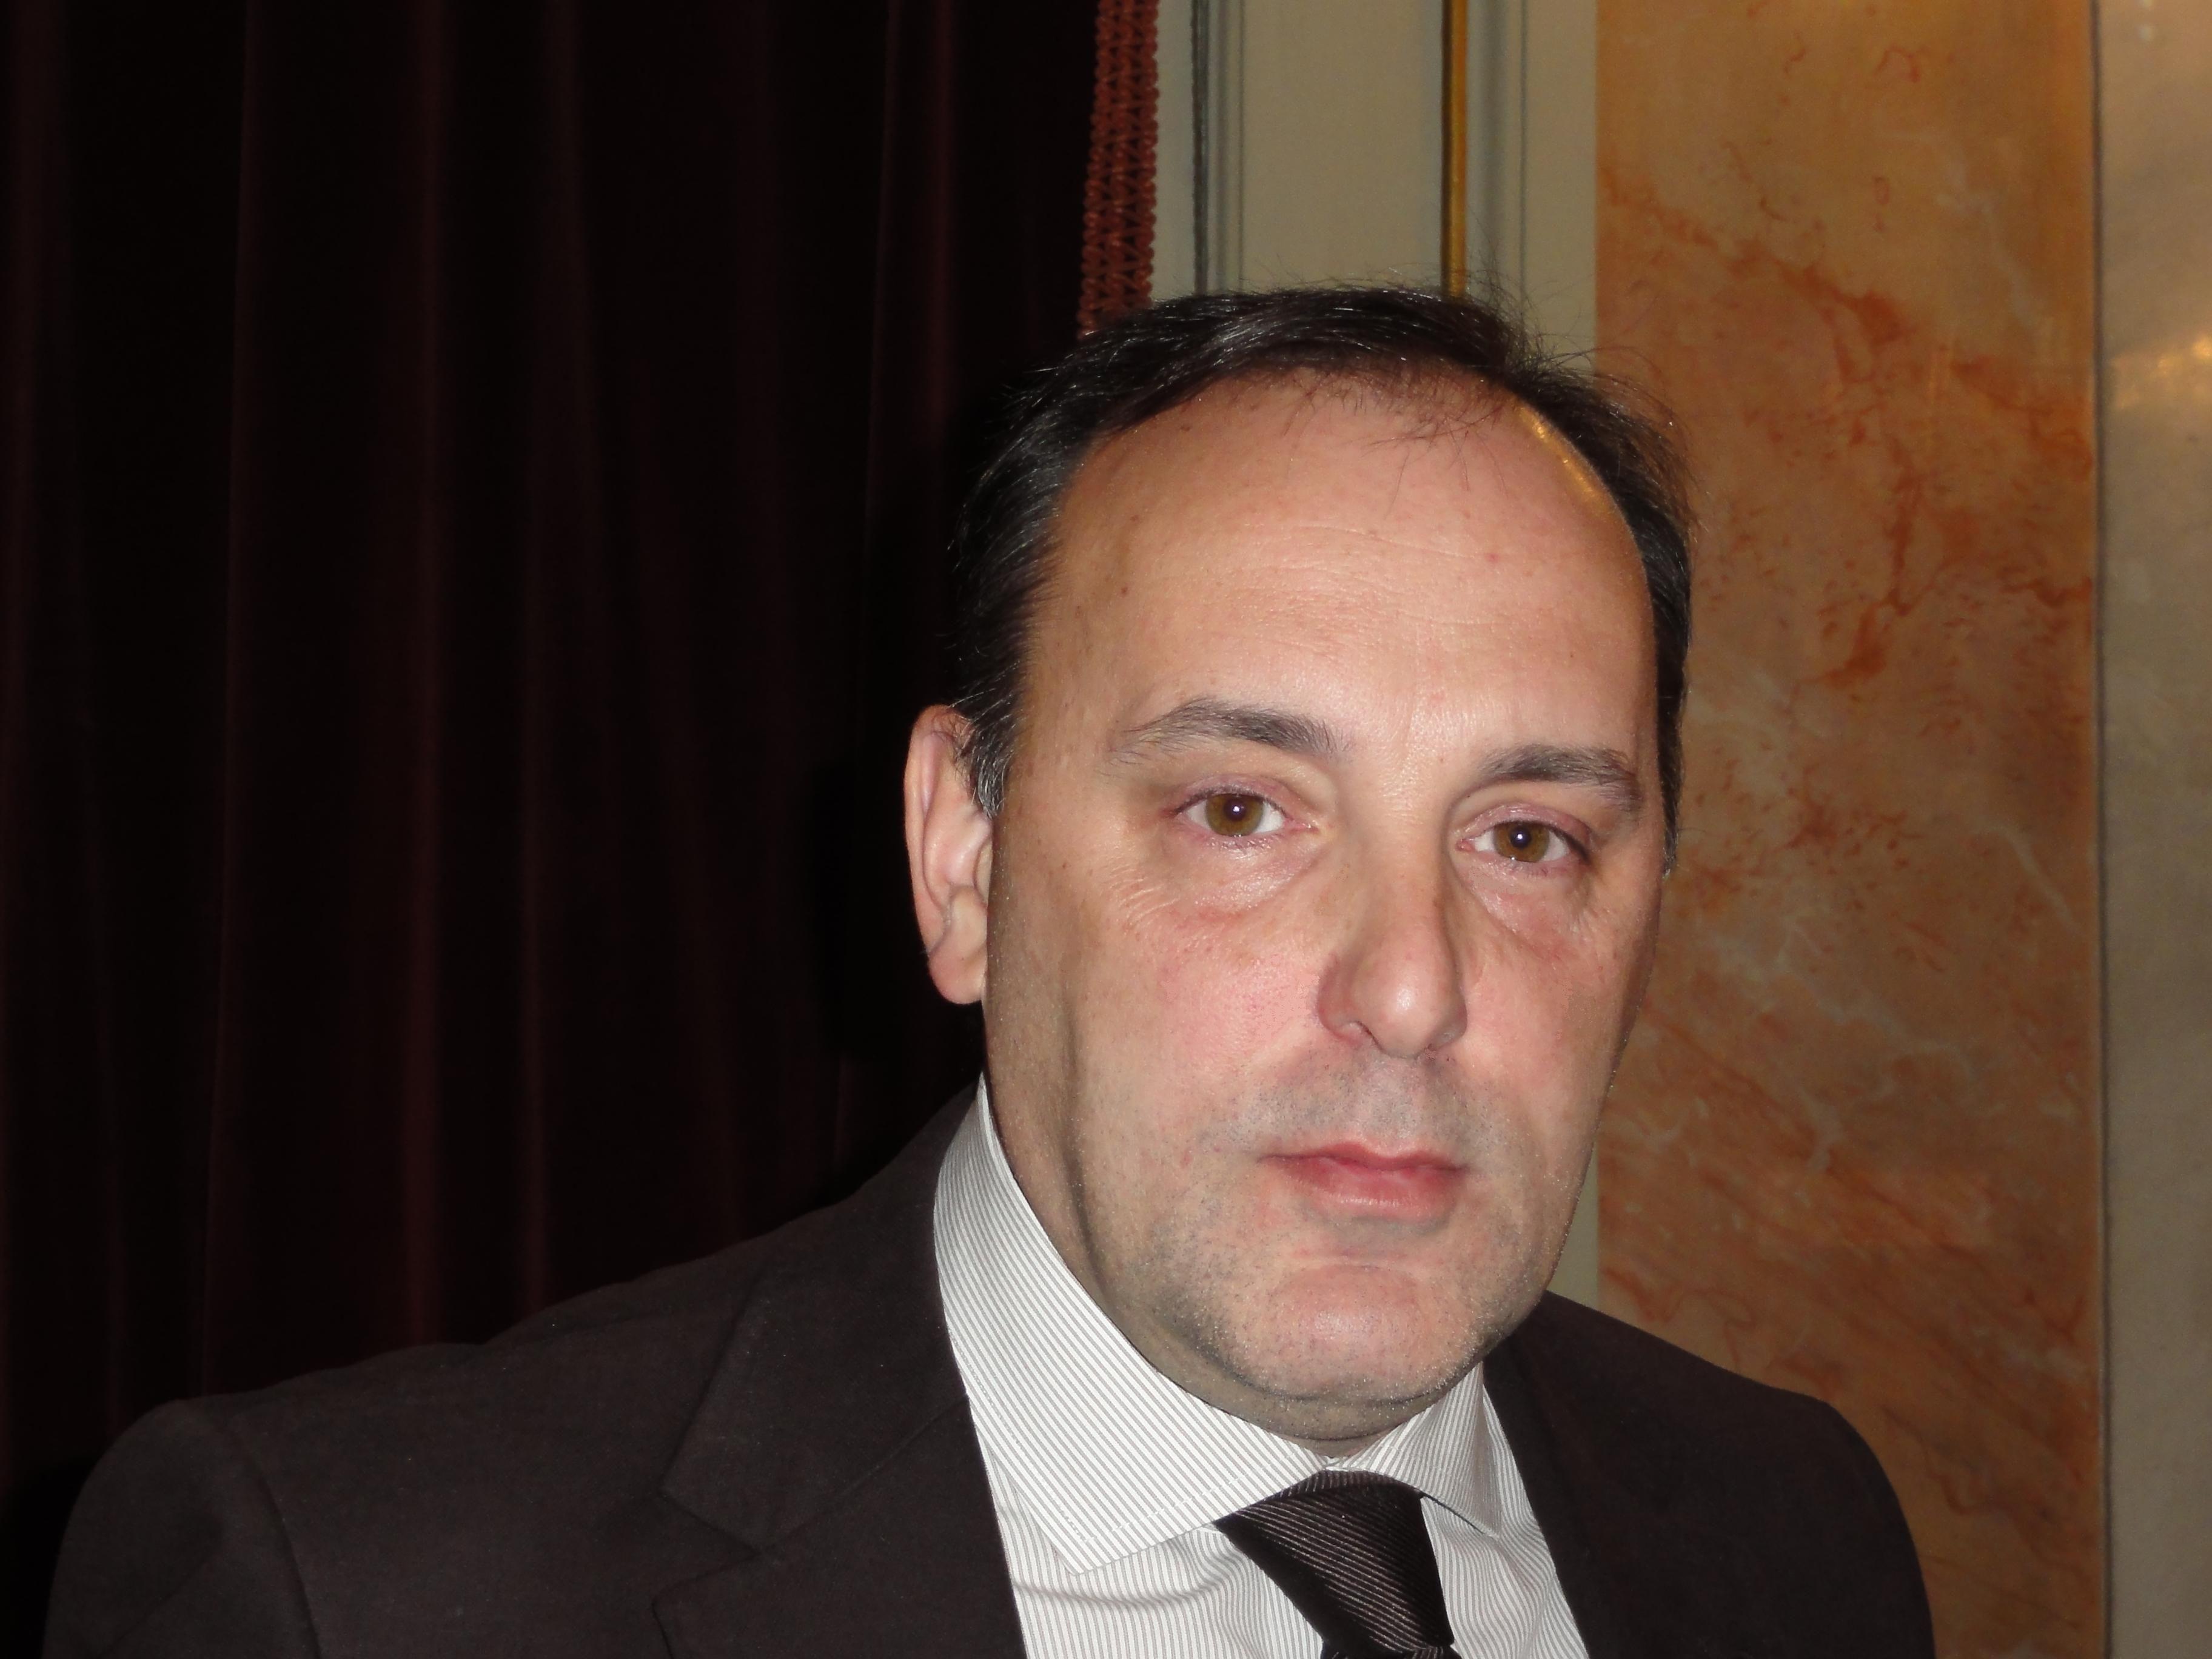 También alerta sobre las deficiencias y la falta de control en la contabilidad de Alcalá Desarrollo El portavoz del Grupo Municipal Unión Progreso y Democracia (UPyD), Anselmo Avendaño, ha desvela...